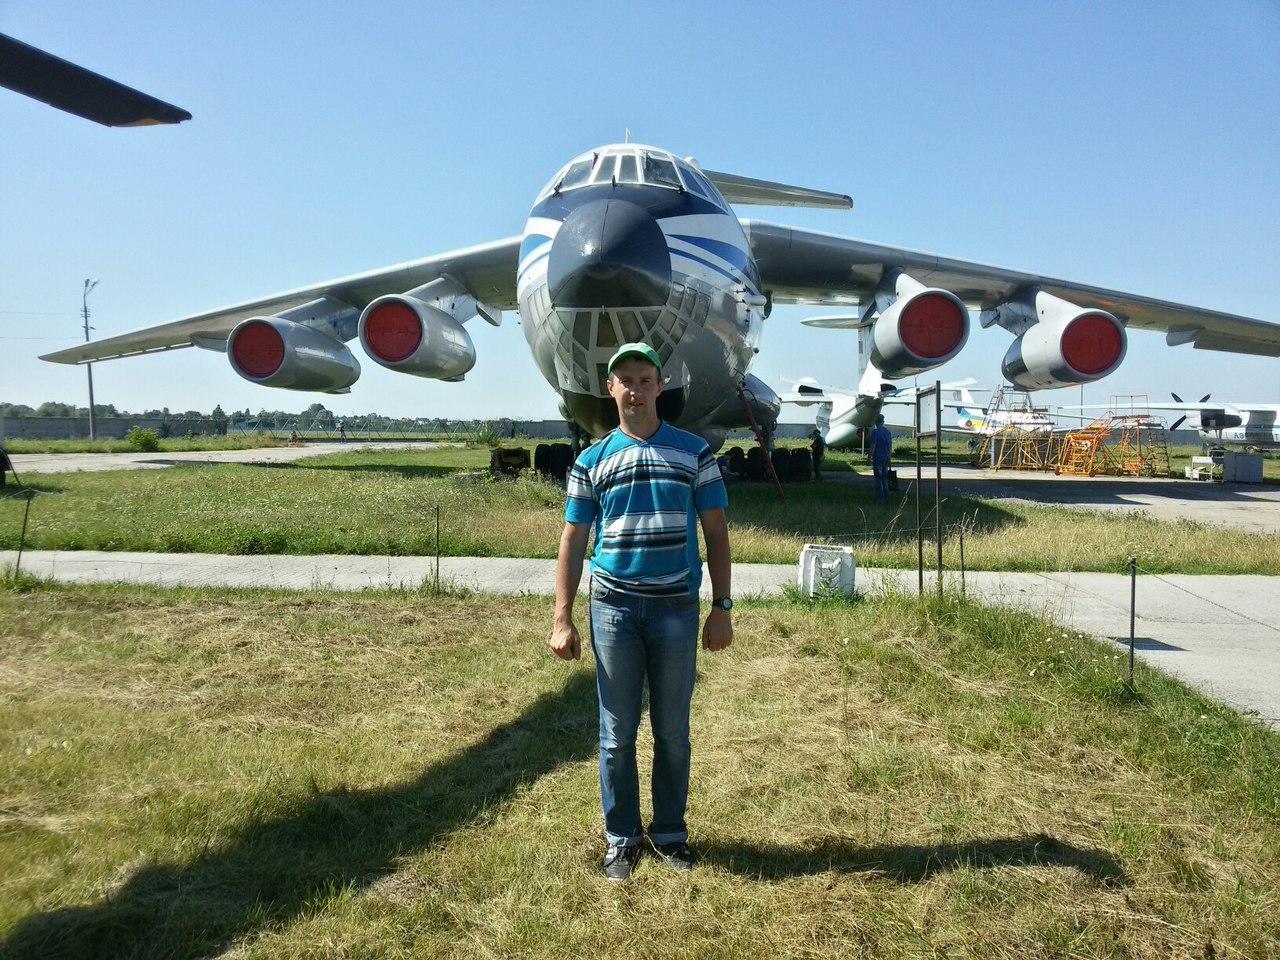 Пілот Павло Лобов, керівник клубу авіамоделювання зі Слов'янська